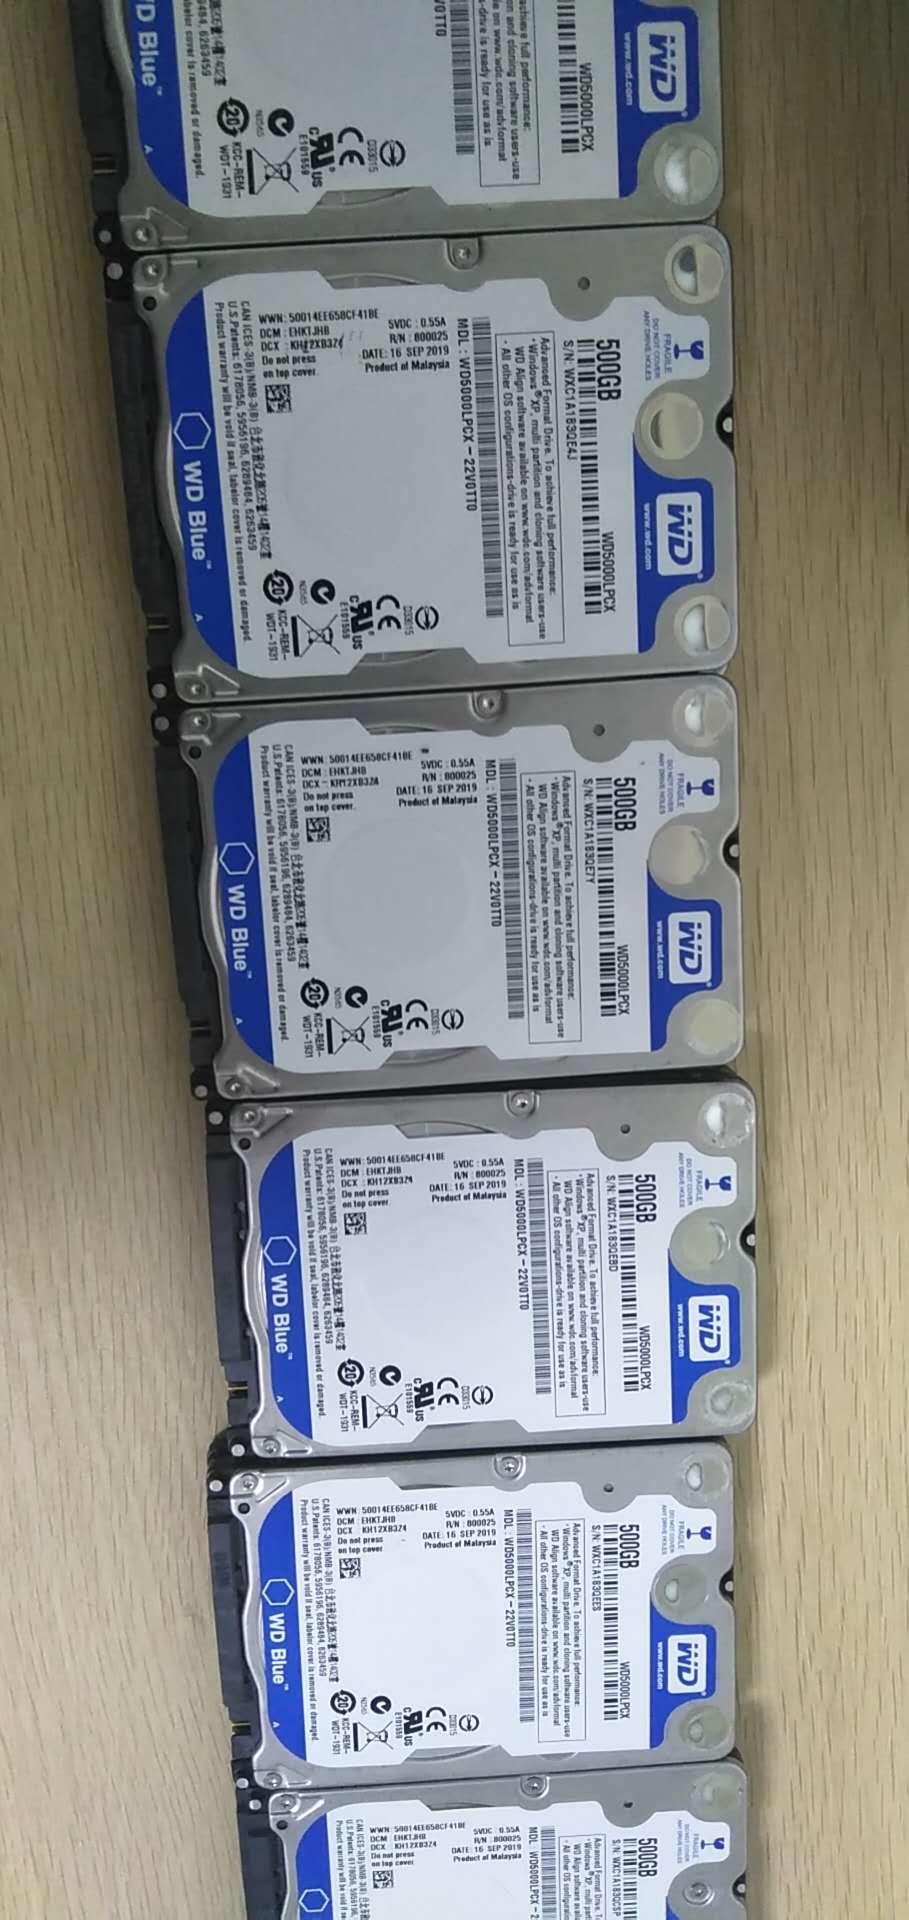 外贸台式机机械硬盘SATA接口-性能好的机械硬盘HDD价位